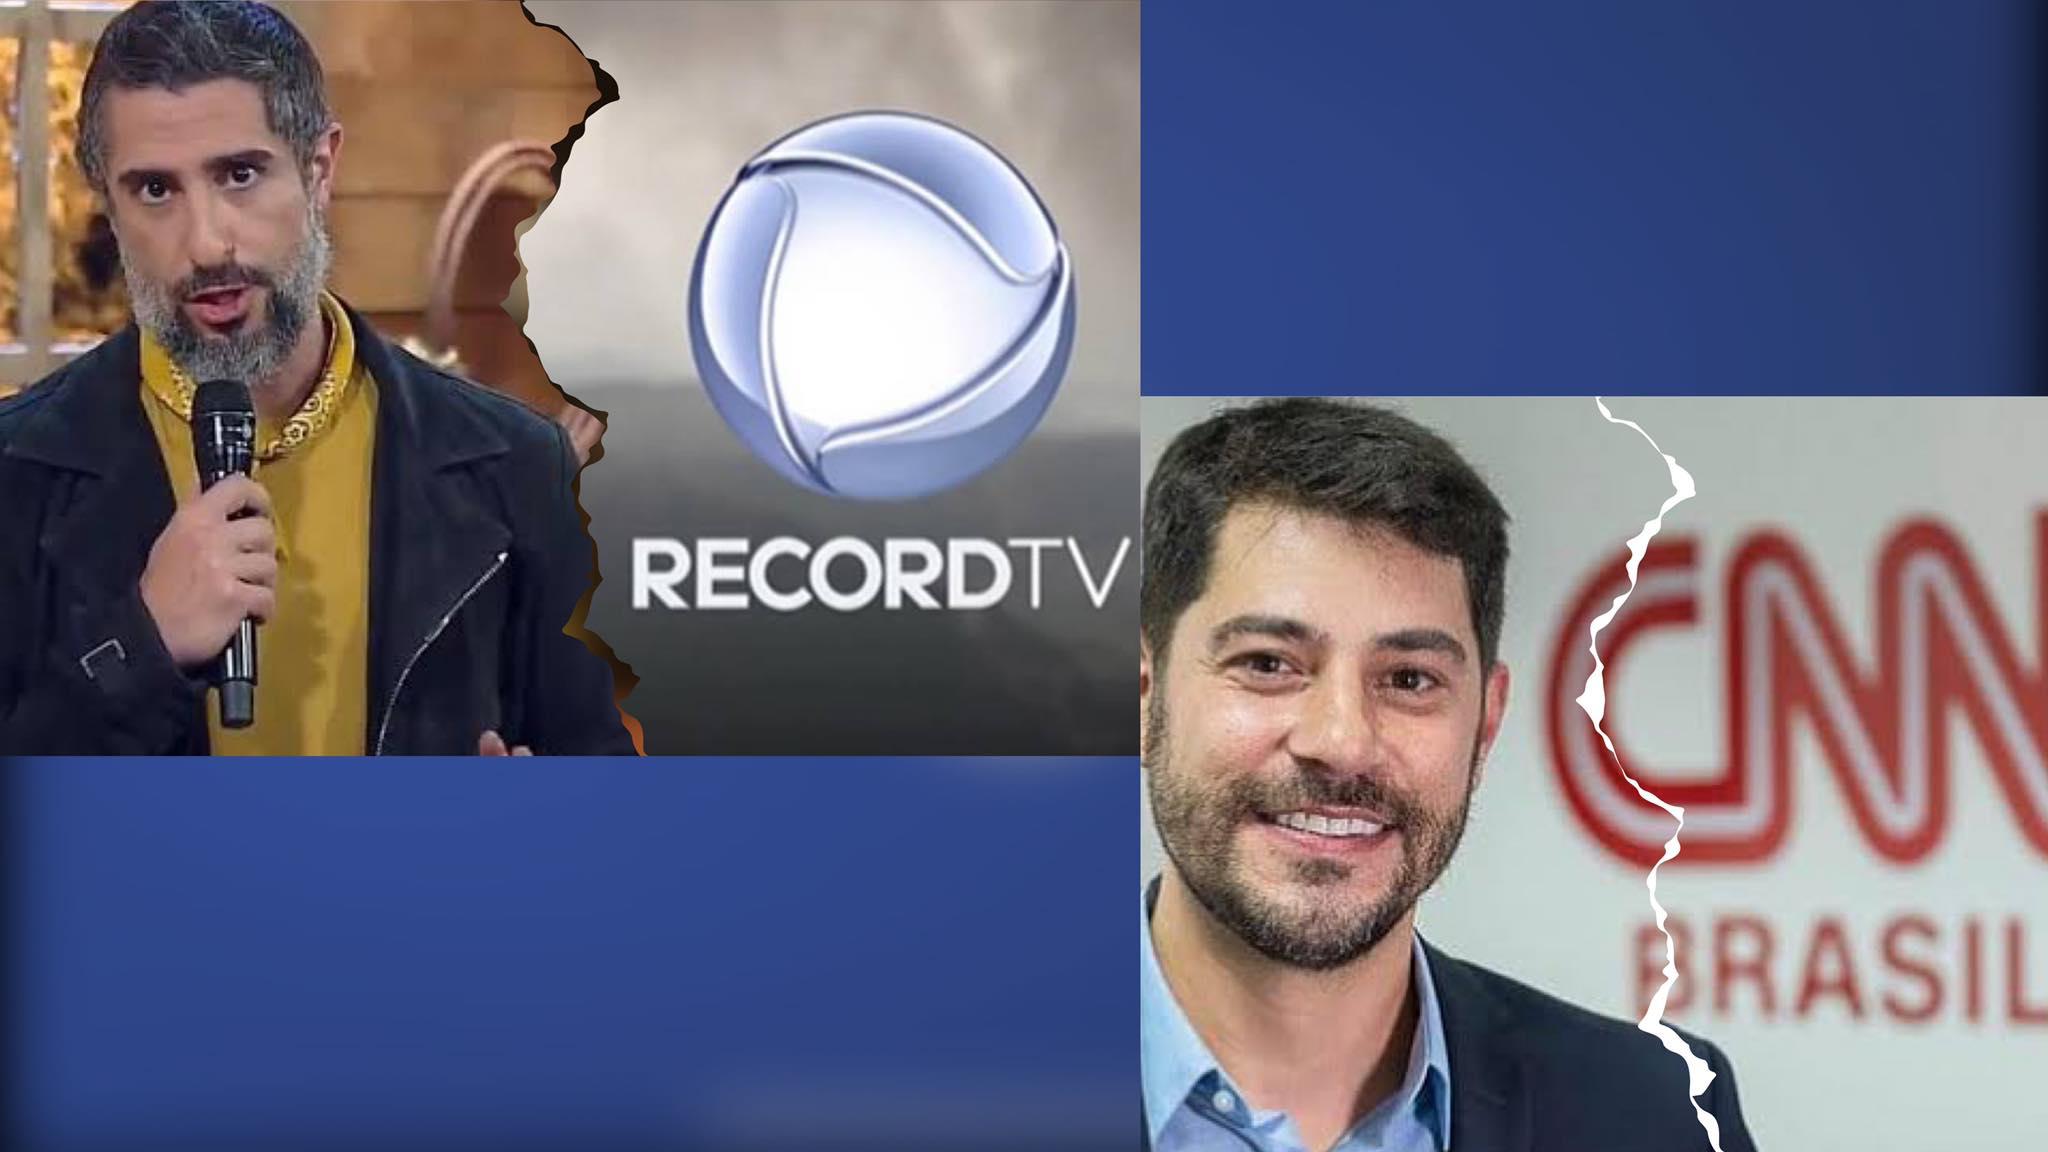 Marcos Mion se solidariza com Evaristo Costa após jornalista ser dispensado da CNN por telefone. Fonte: Redes sociais.